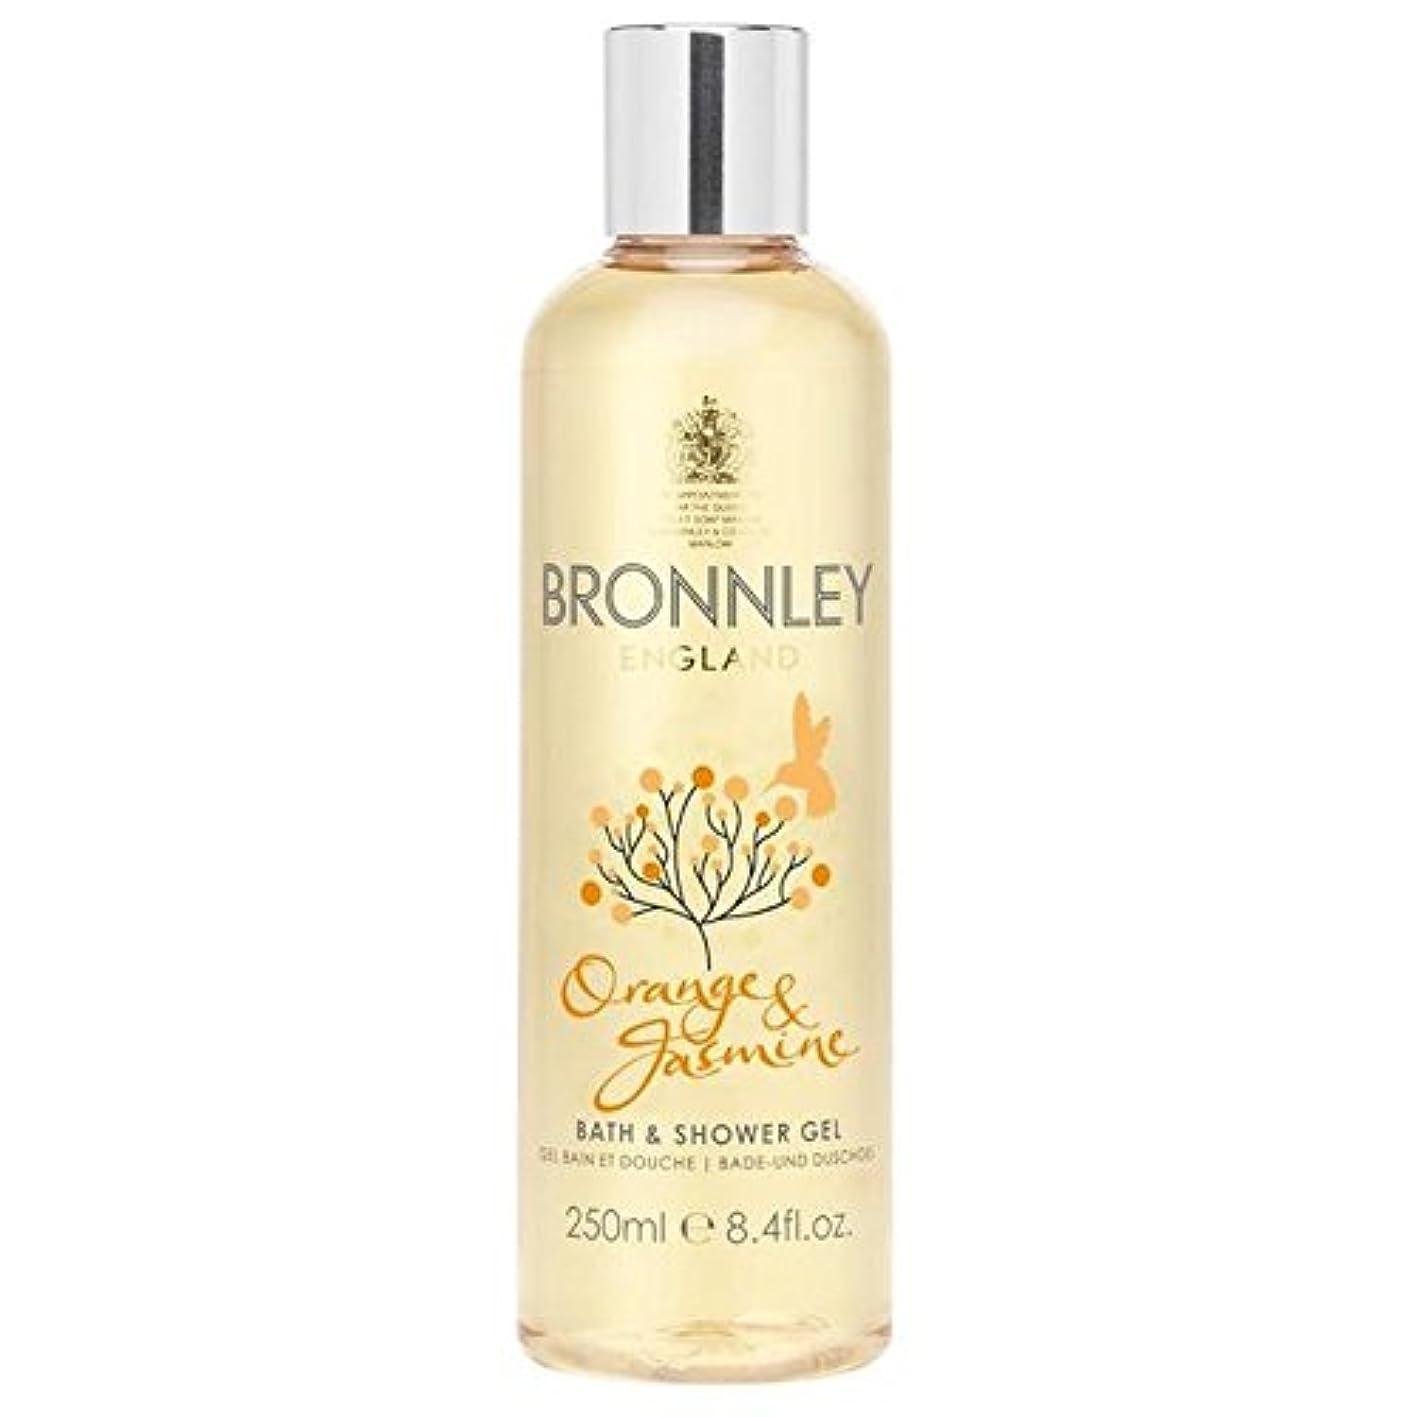 会計士自伝星オレンジ&ジャスミンバス&シャワージェル250ミリリットル x2 - Bronnley Orange & Jasmine Bath & Shower Gel 250ml (Pack of 2) [並行輸入品]